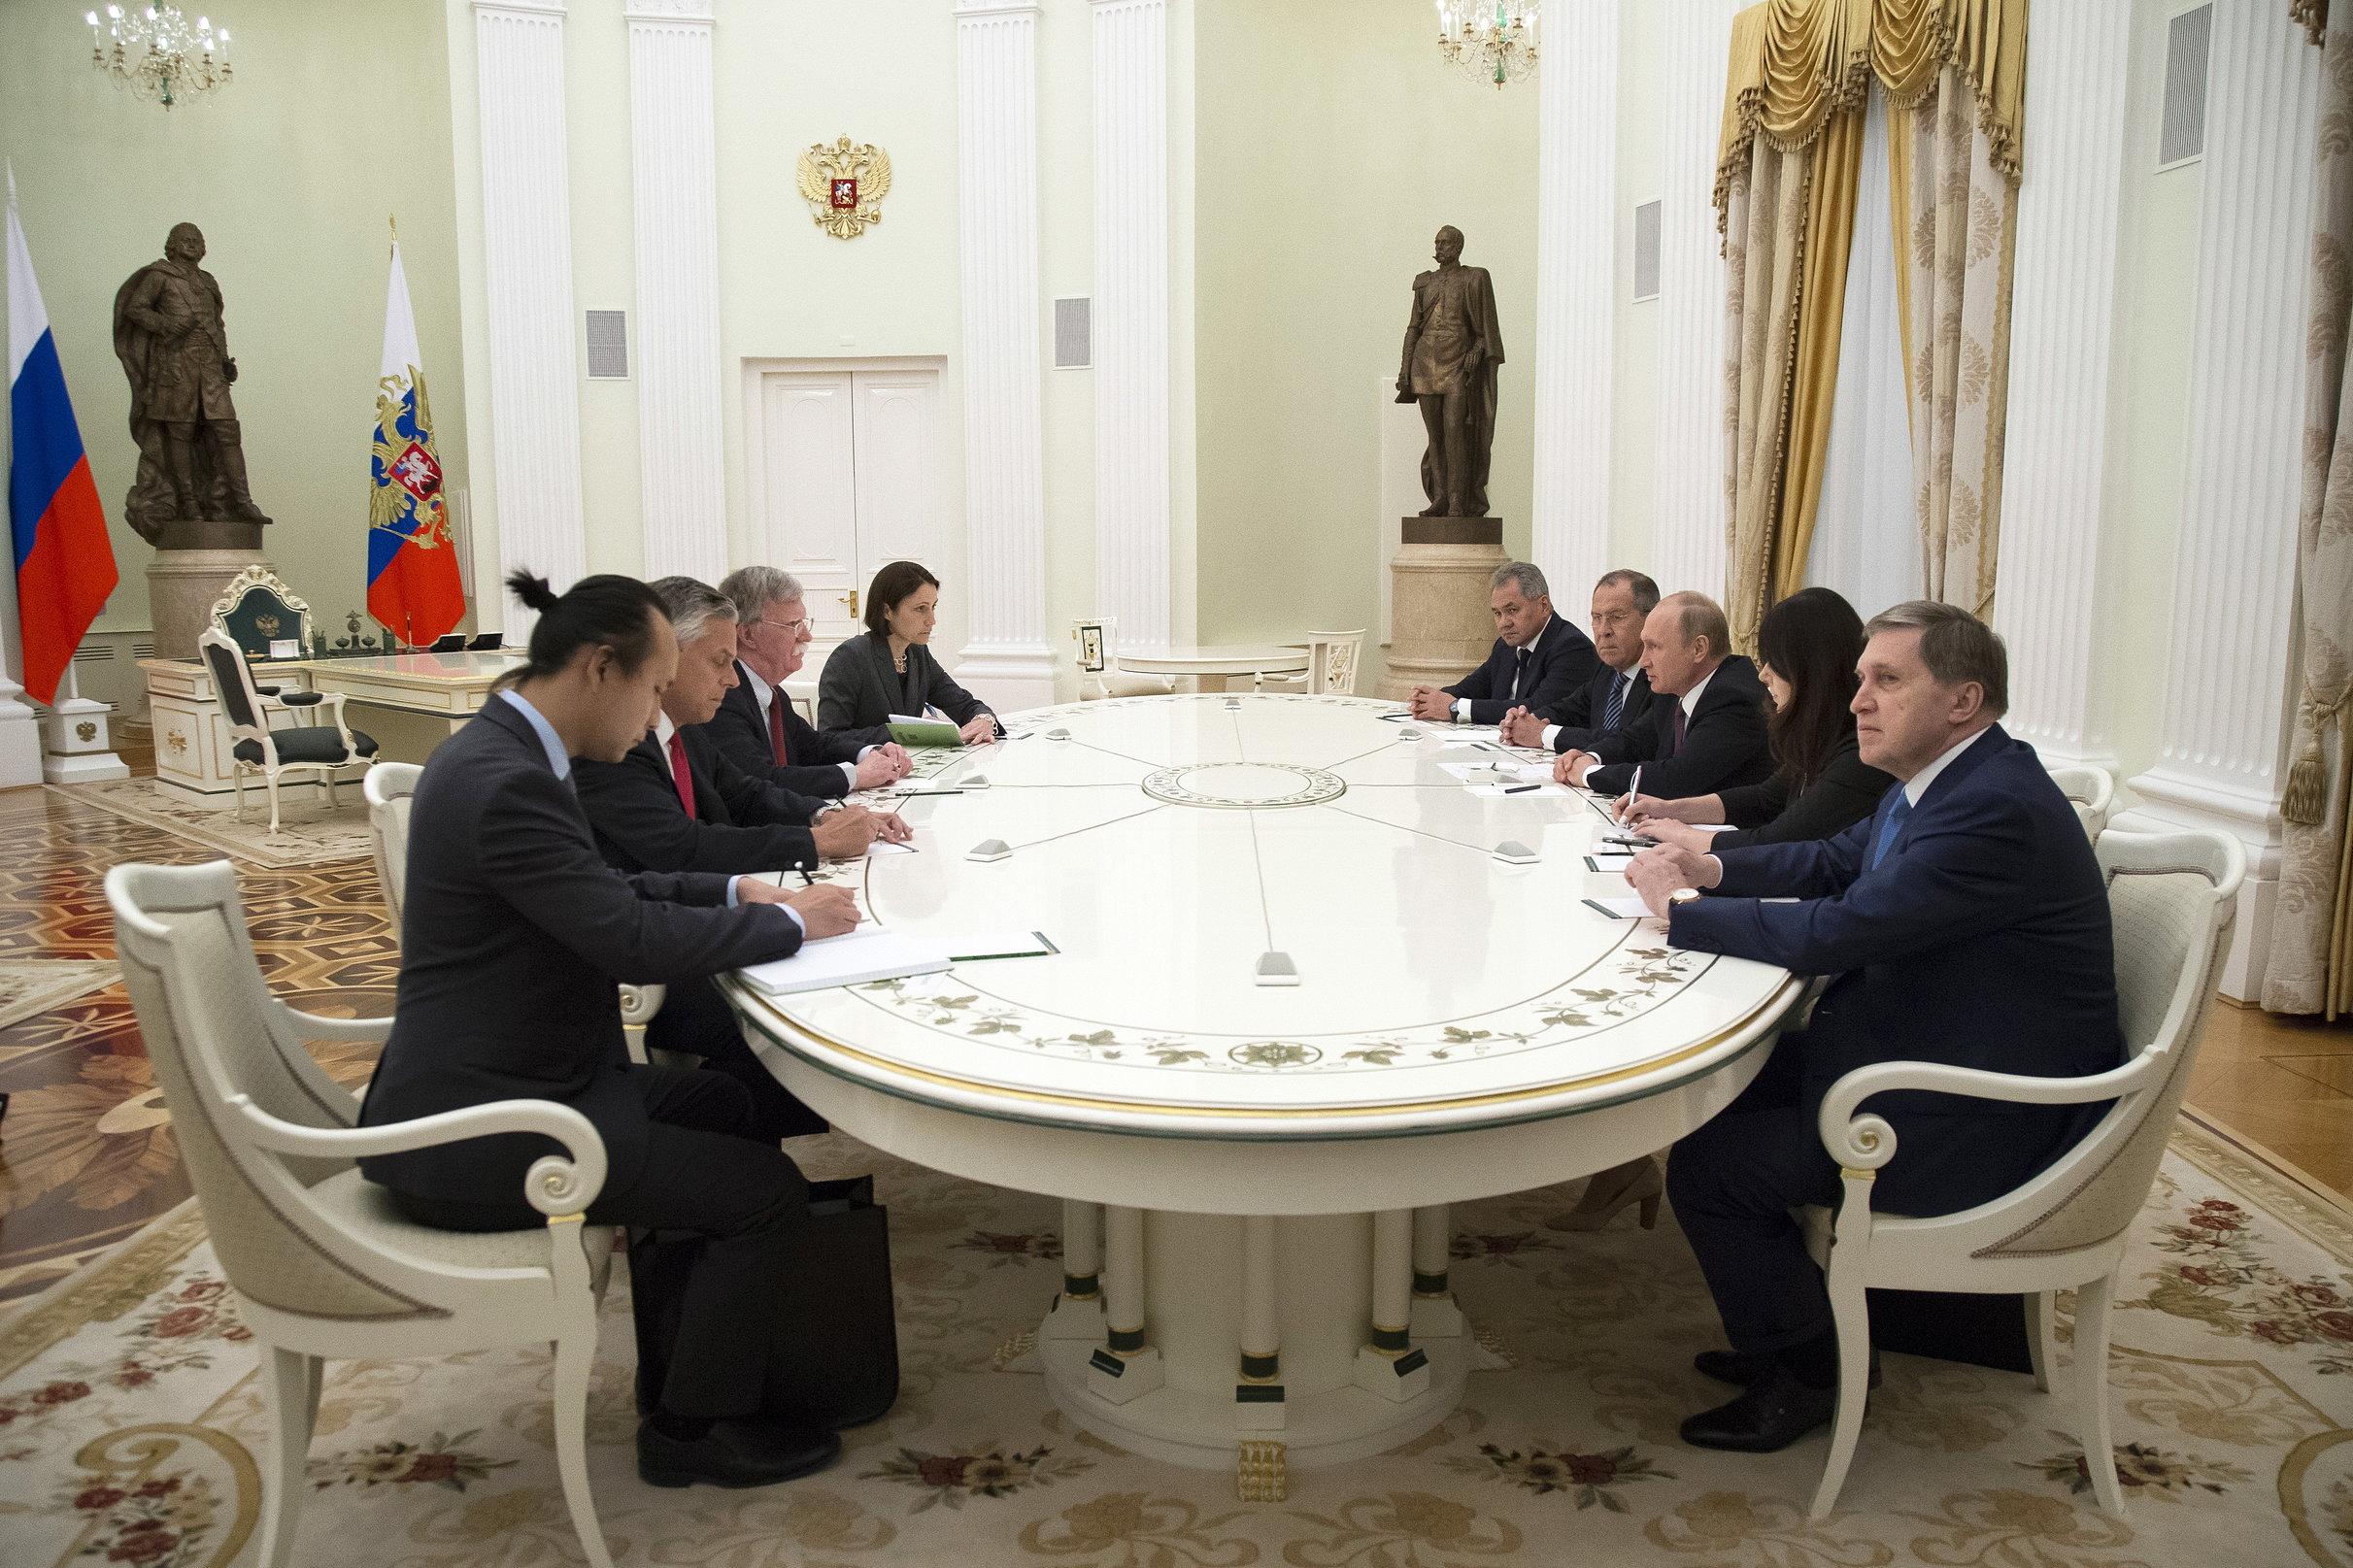 Bolton s Putinom razgovarao o ruskoj umiješanosti u američke predsjedničke izbore 2016. godine